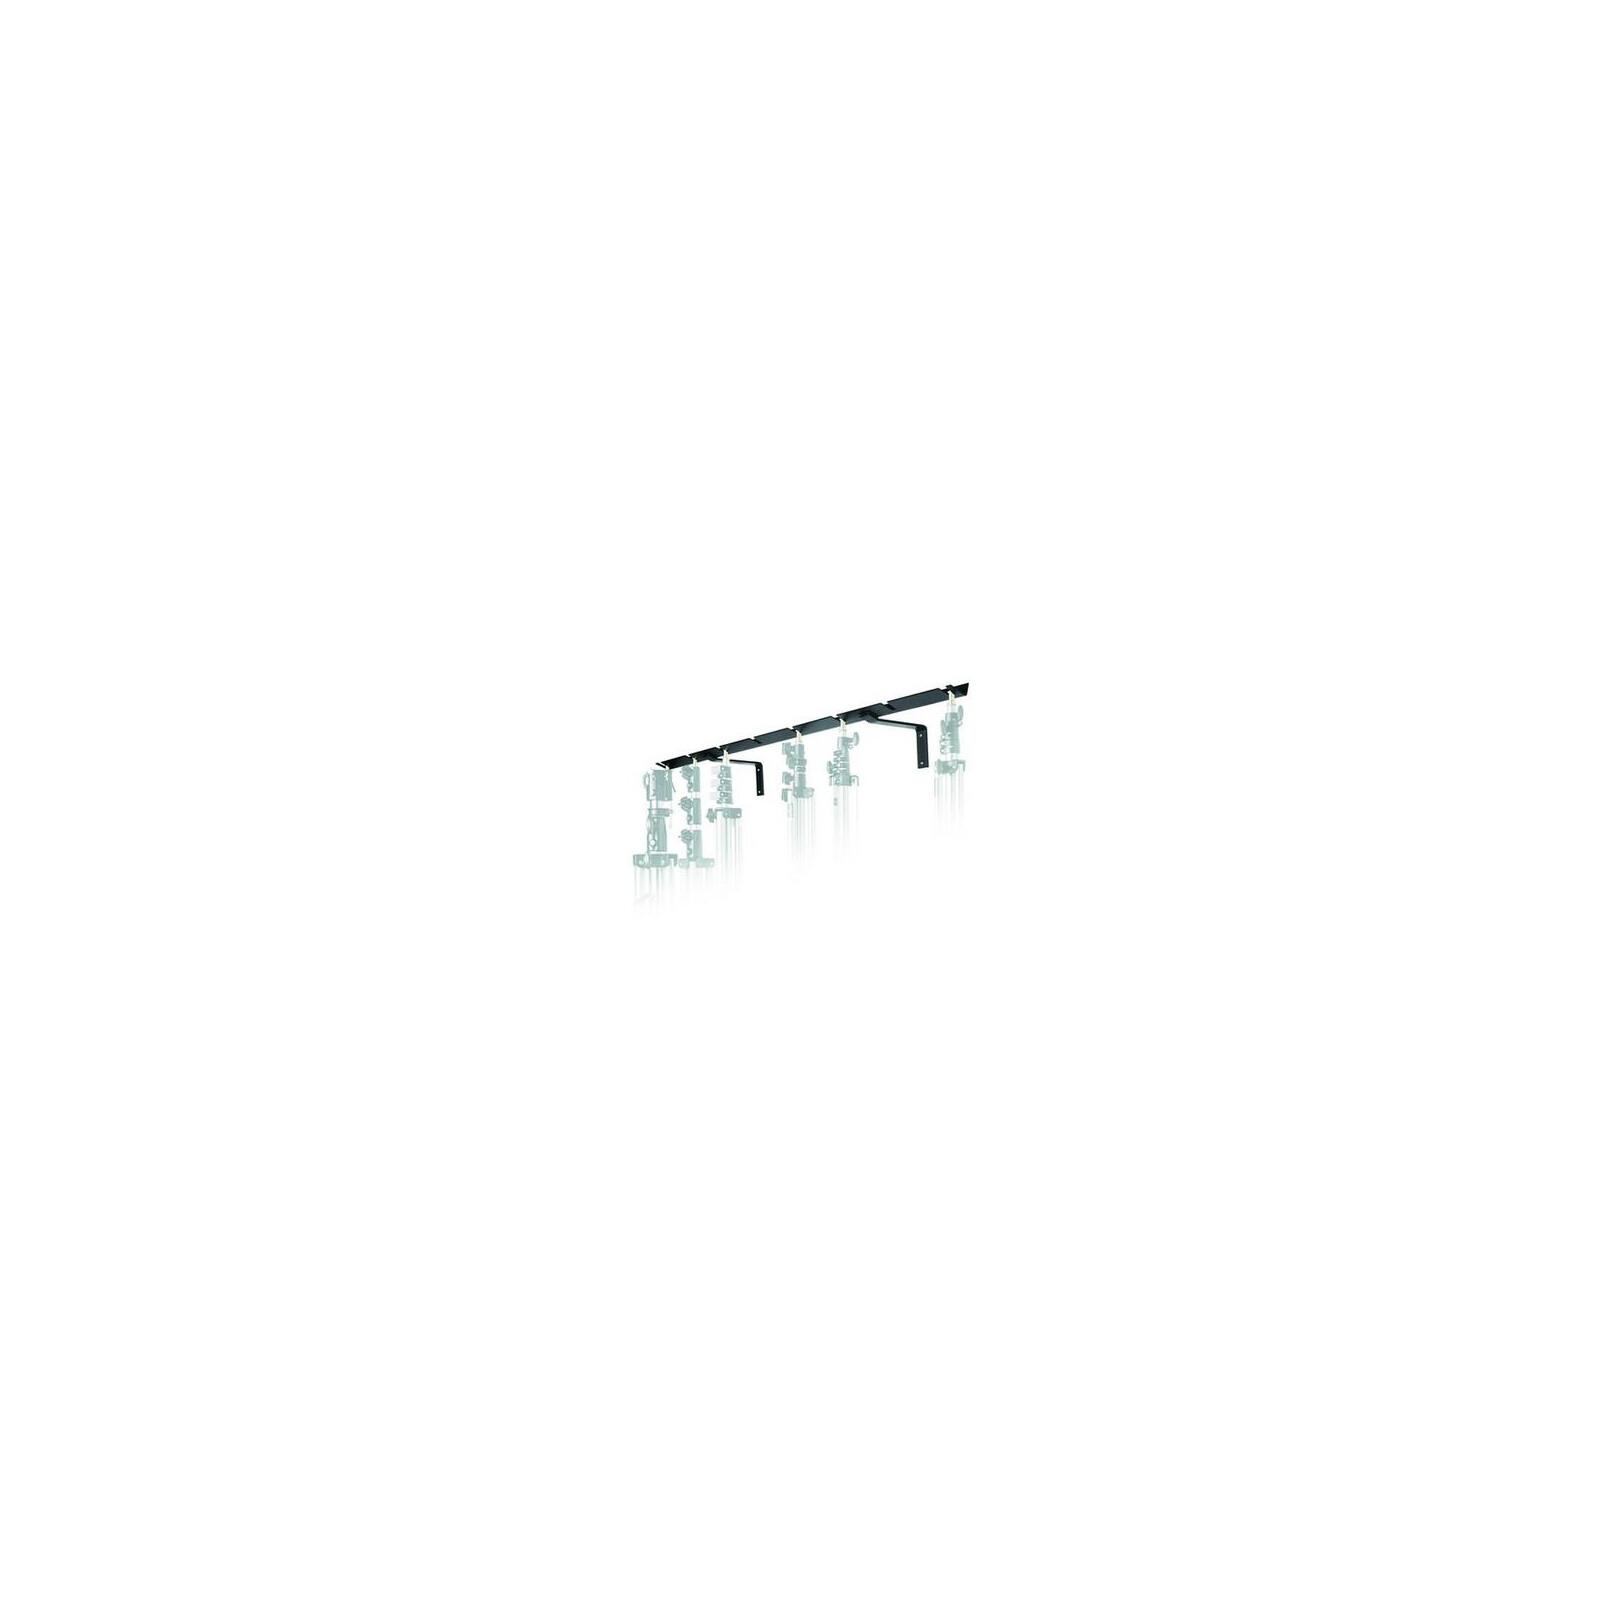 Manfrotto 027 Wandhalterung für 8 Stative